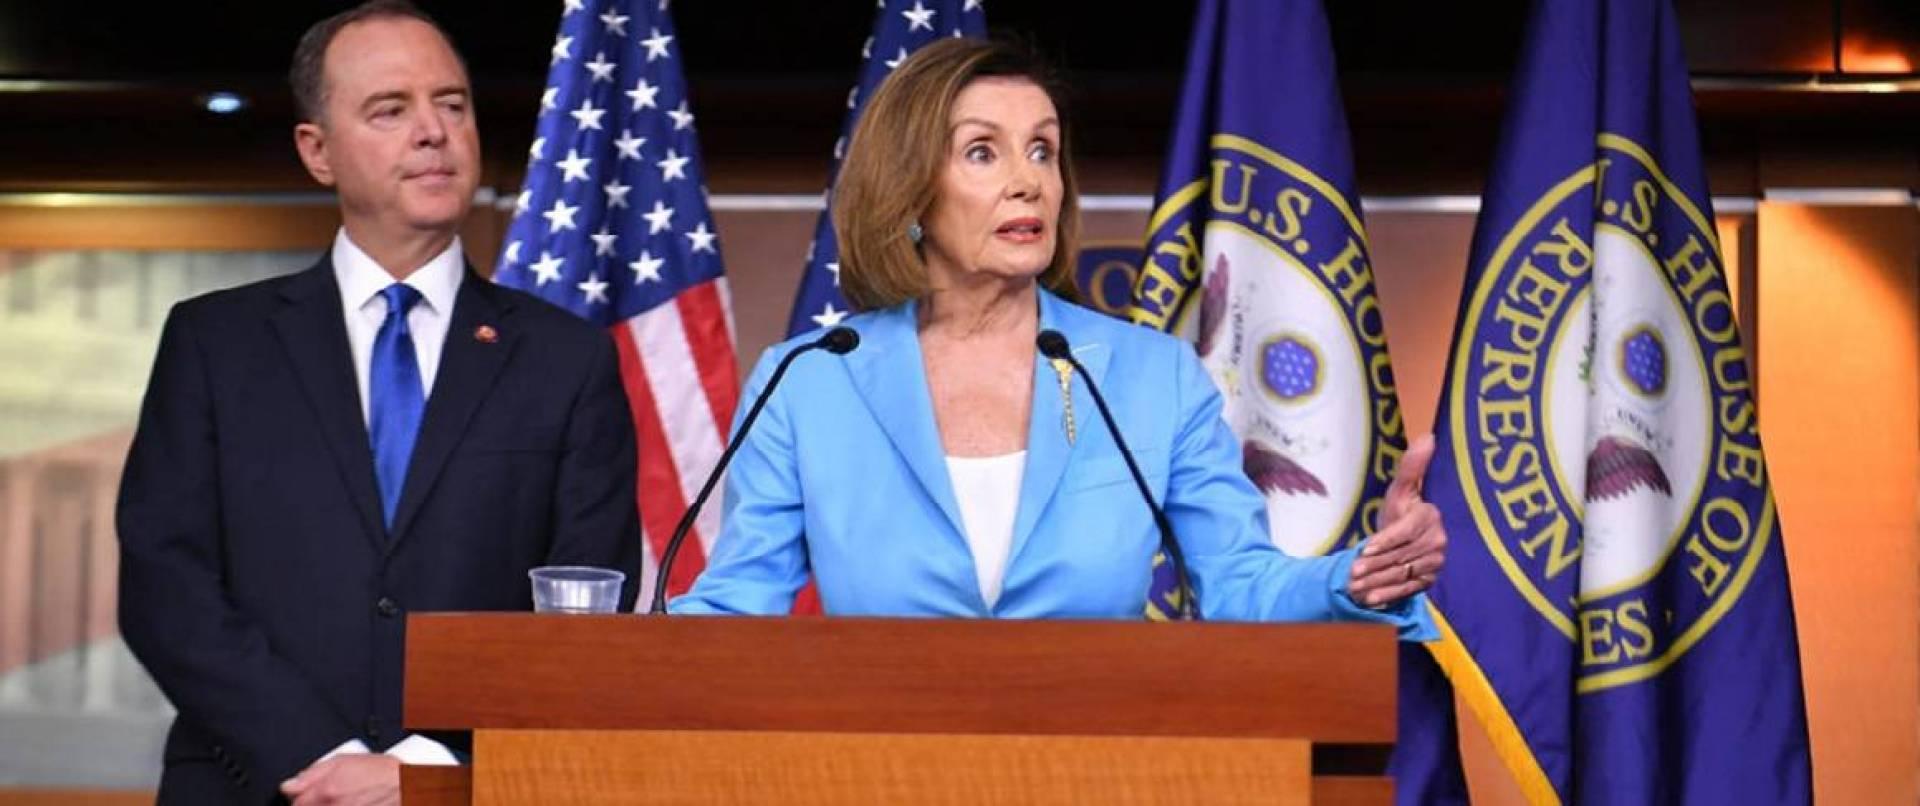 بيلوسي: مجلس النواب الأميركي يصوت الأربعاء على إحالة قضية عزل ترامب إلى مجلس الشيوخ